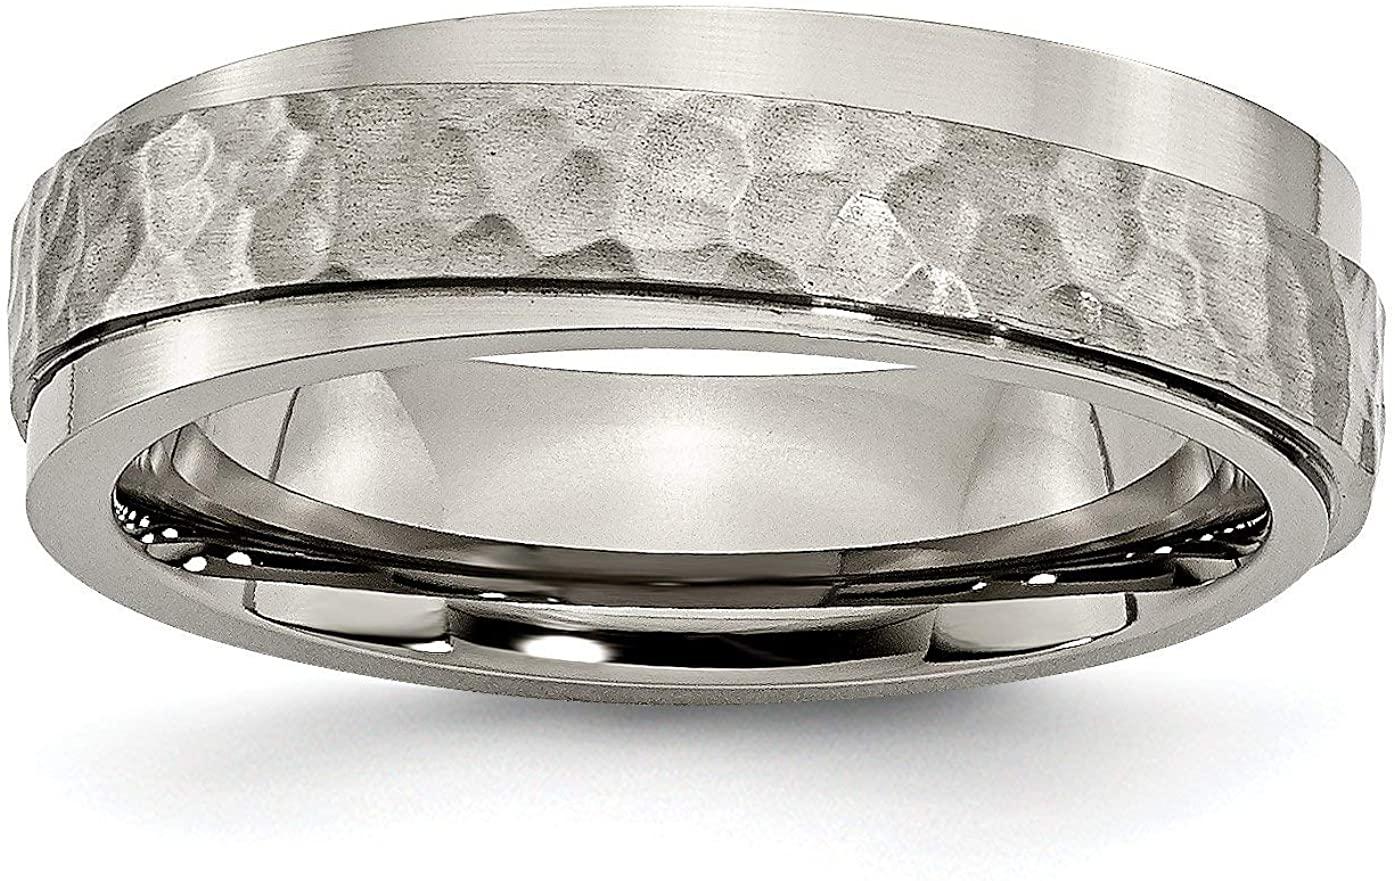 Titanium 6mm Ridged Edge Hammered and Polished Band   Wedding Band Ring   Titanium   Size 8